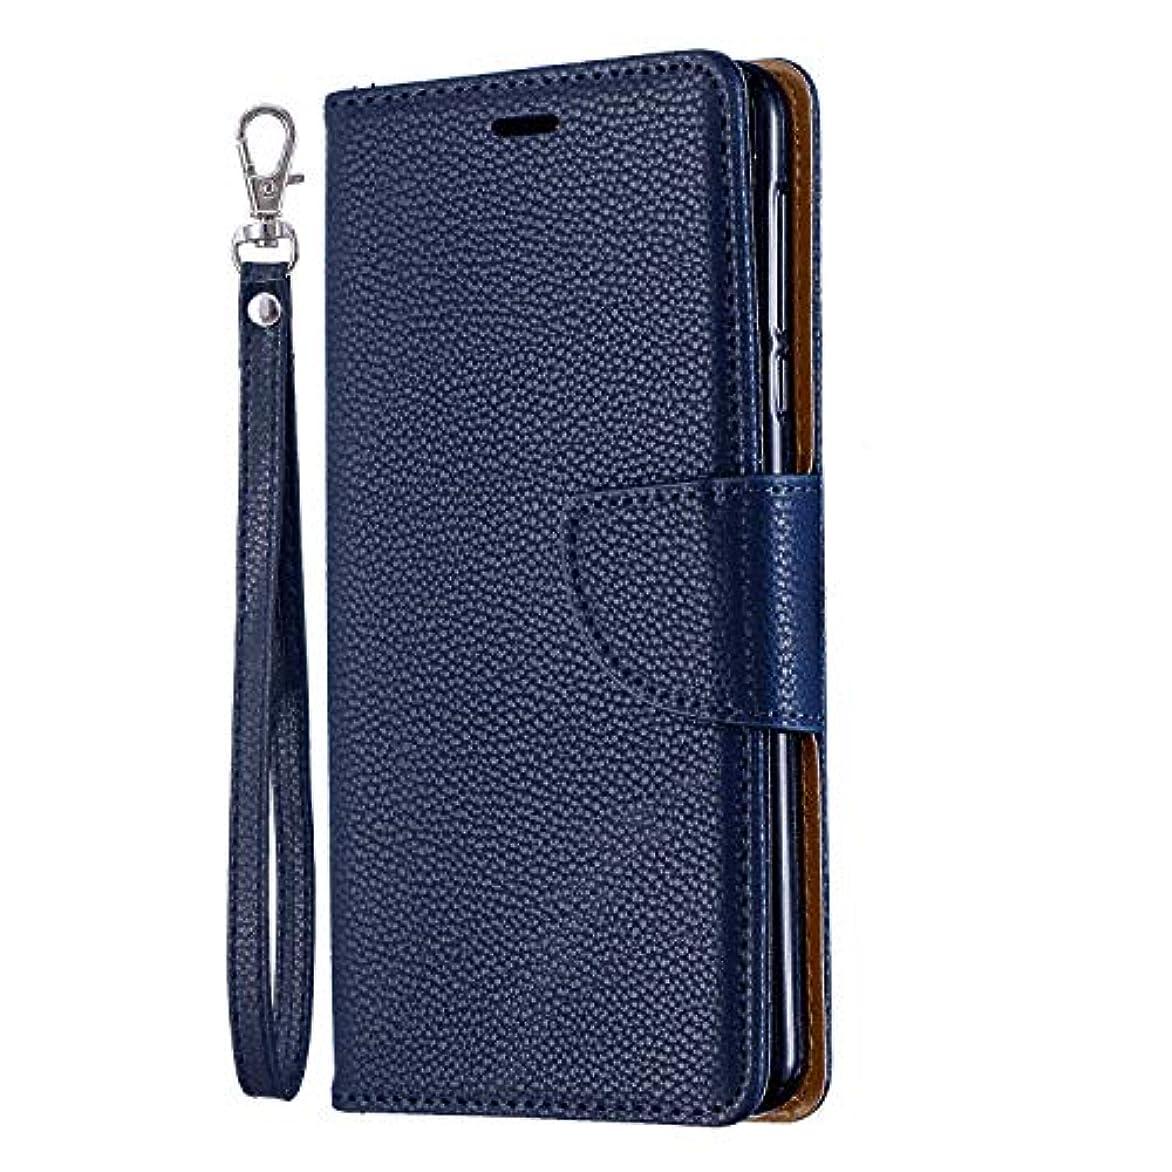 乗り出すブランチスチュワーデスiPhone 11 PUレザー ケース, 手帳型 ケース 本革 スマートフォンケース カバー収納 耐摩擦 ビジネス 財布 手帳型ケース iPhone アイフォン 11 レザーケース